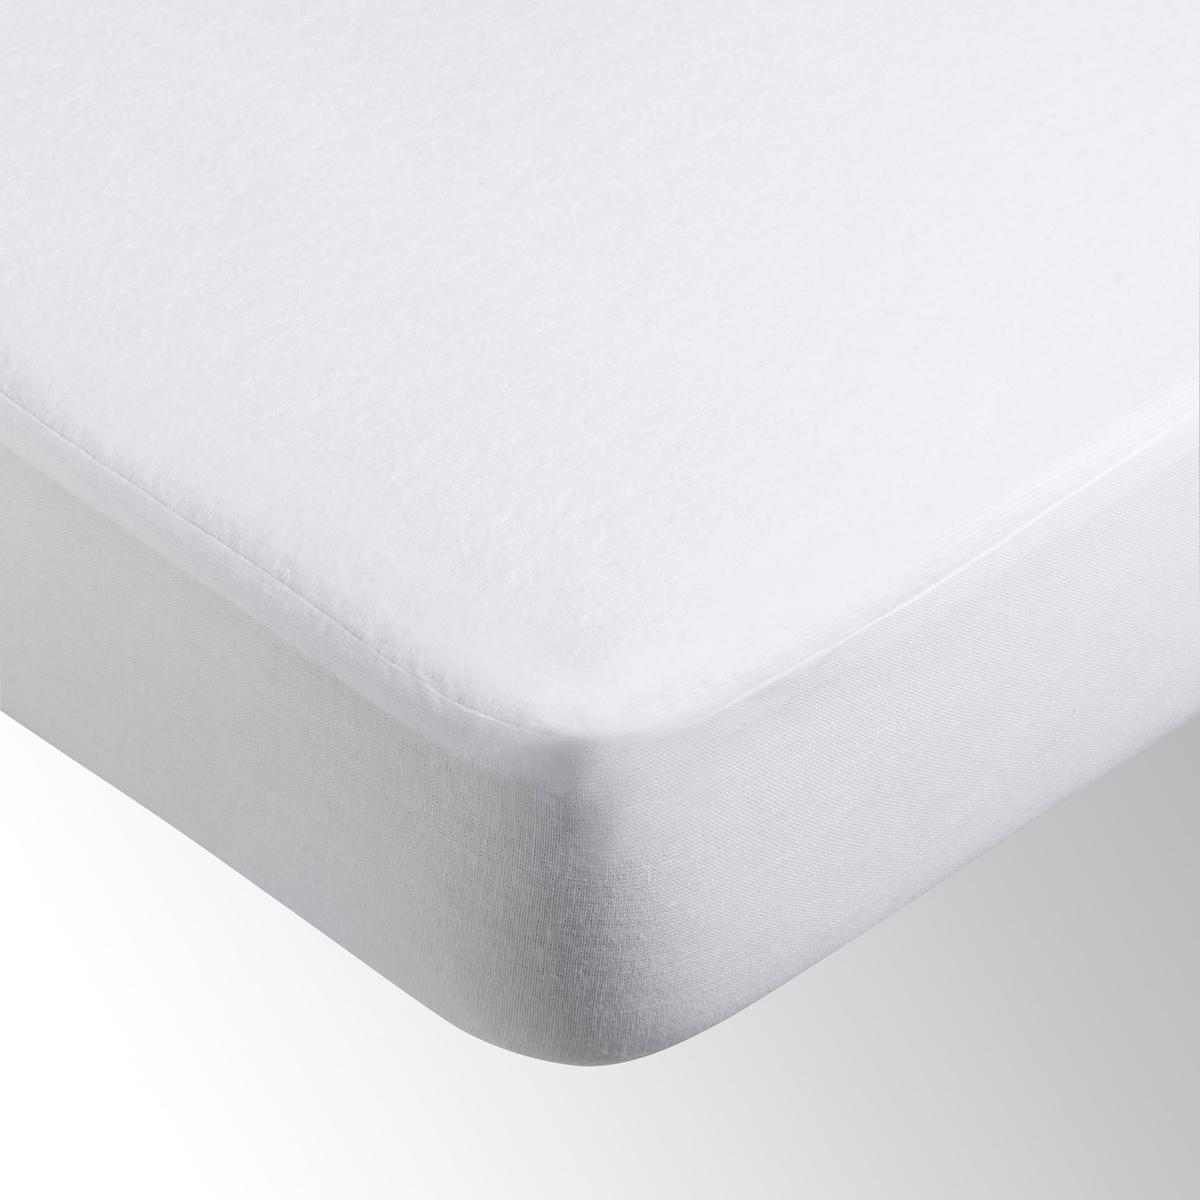 Чехол защитный для матраса натяжной непромокаемый ультра-дышащийНепромокаемый и ультра-дышащий защитный чехол из мольтона, 100 % хлопок (210 г/м2), ультра-дышащая мембрана из эластомера (полная защита и оптимальный комфорт благодаря способности отводить влагу от тела, сохраняя при этом полную непромокаемость).Дышащие свойства этой мембраны из эластомера в10 раз выше, чем у классических мембран, что гарантирует Ваш безмятежный сон. Очень мягкая, незаметная и бесшумная мембрана является прекрасным барьером для пыли и клещей.Клапан из полотна,100% хлопок, 27 см (подходит для матрасов толщиной до 27 см). Формованные уголки.Уход за непромокаемым ультра-дышащим защитным чехлом для матраса: Стирка при 60°.Сертификат OEKO-TEX.<br><br>Цвет: белый